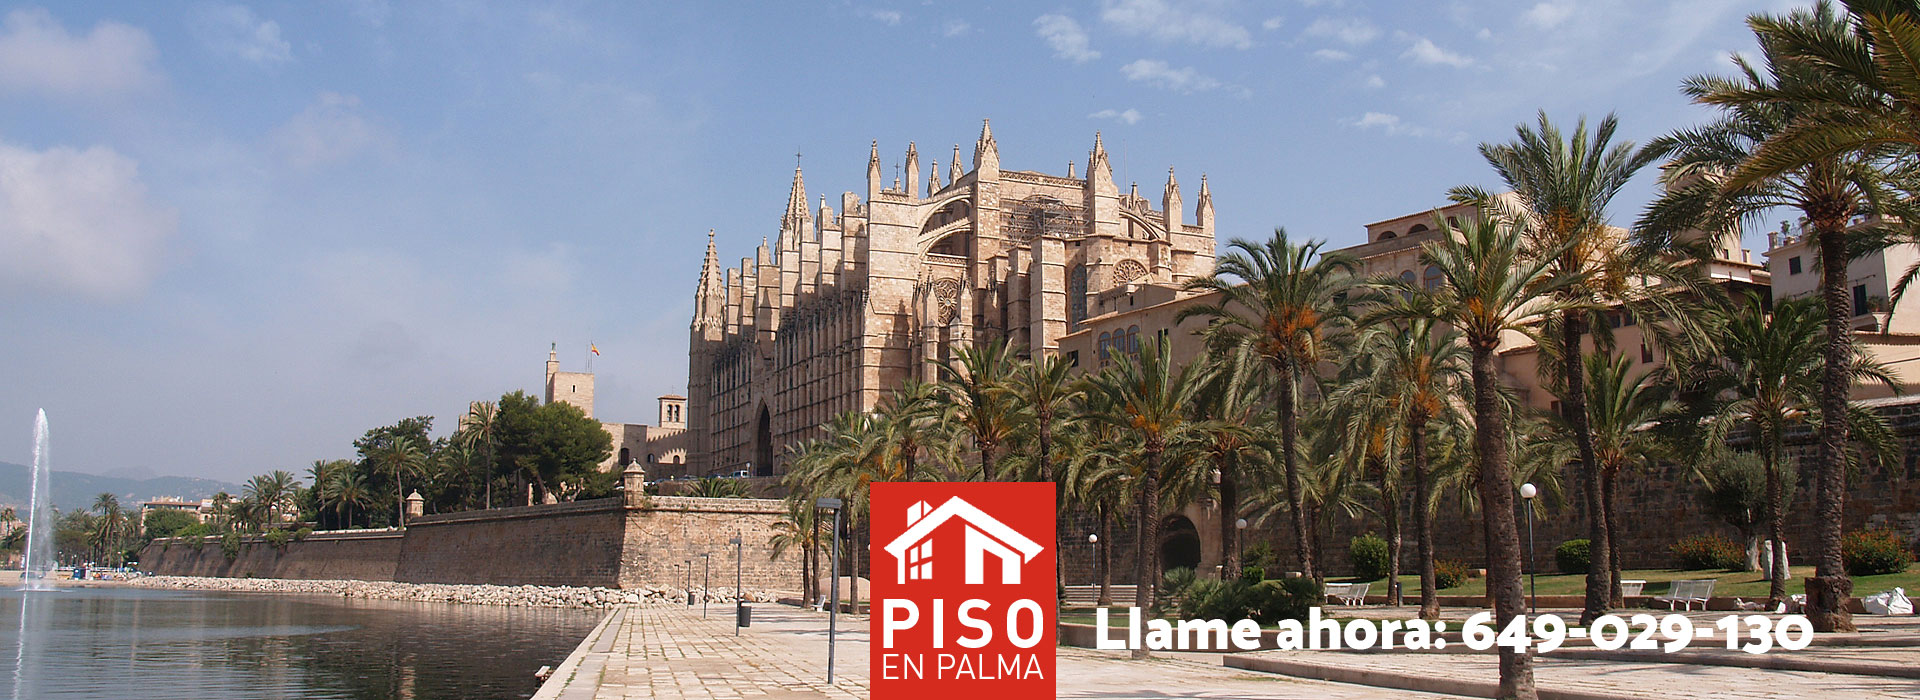 Venta y alquiler de pisos, apartamentos y chalets en Palma